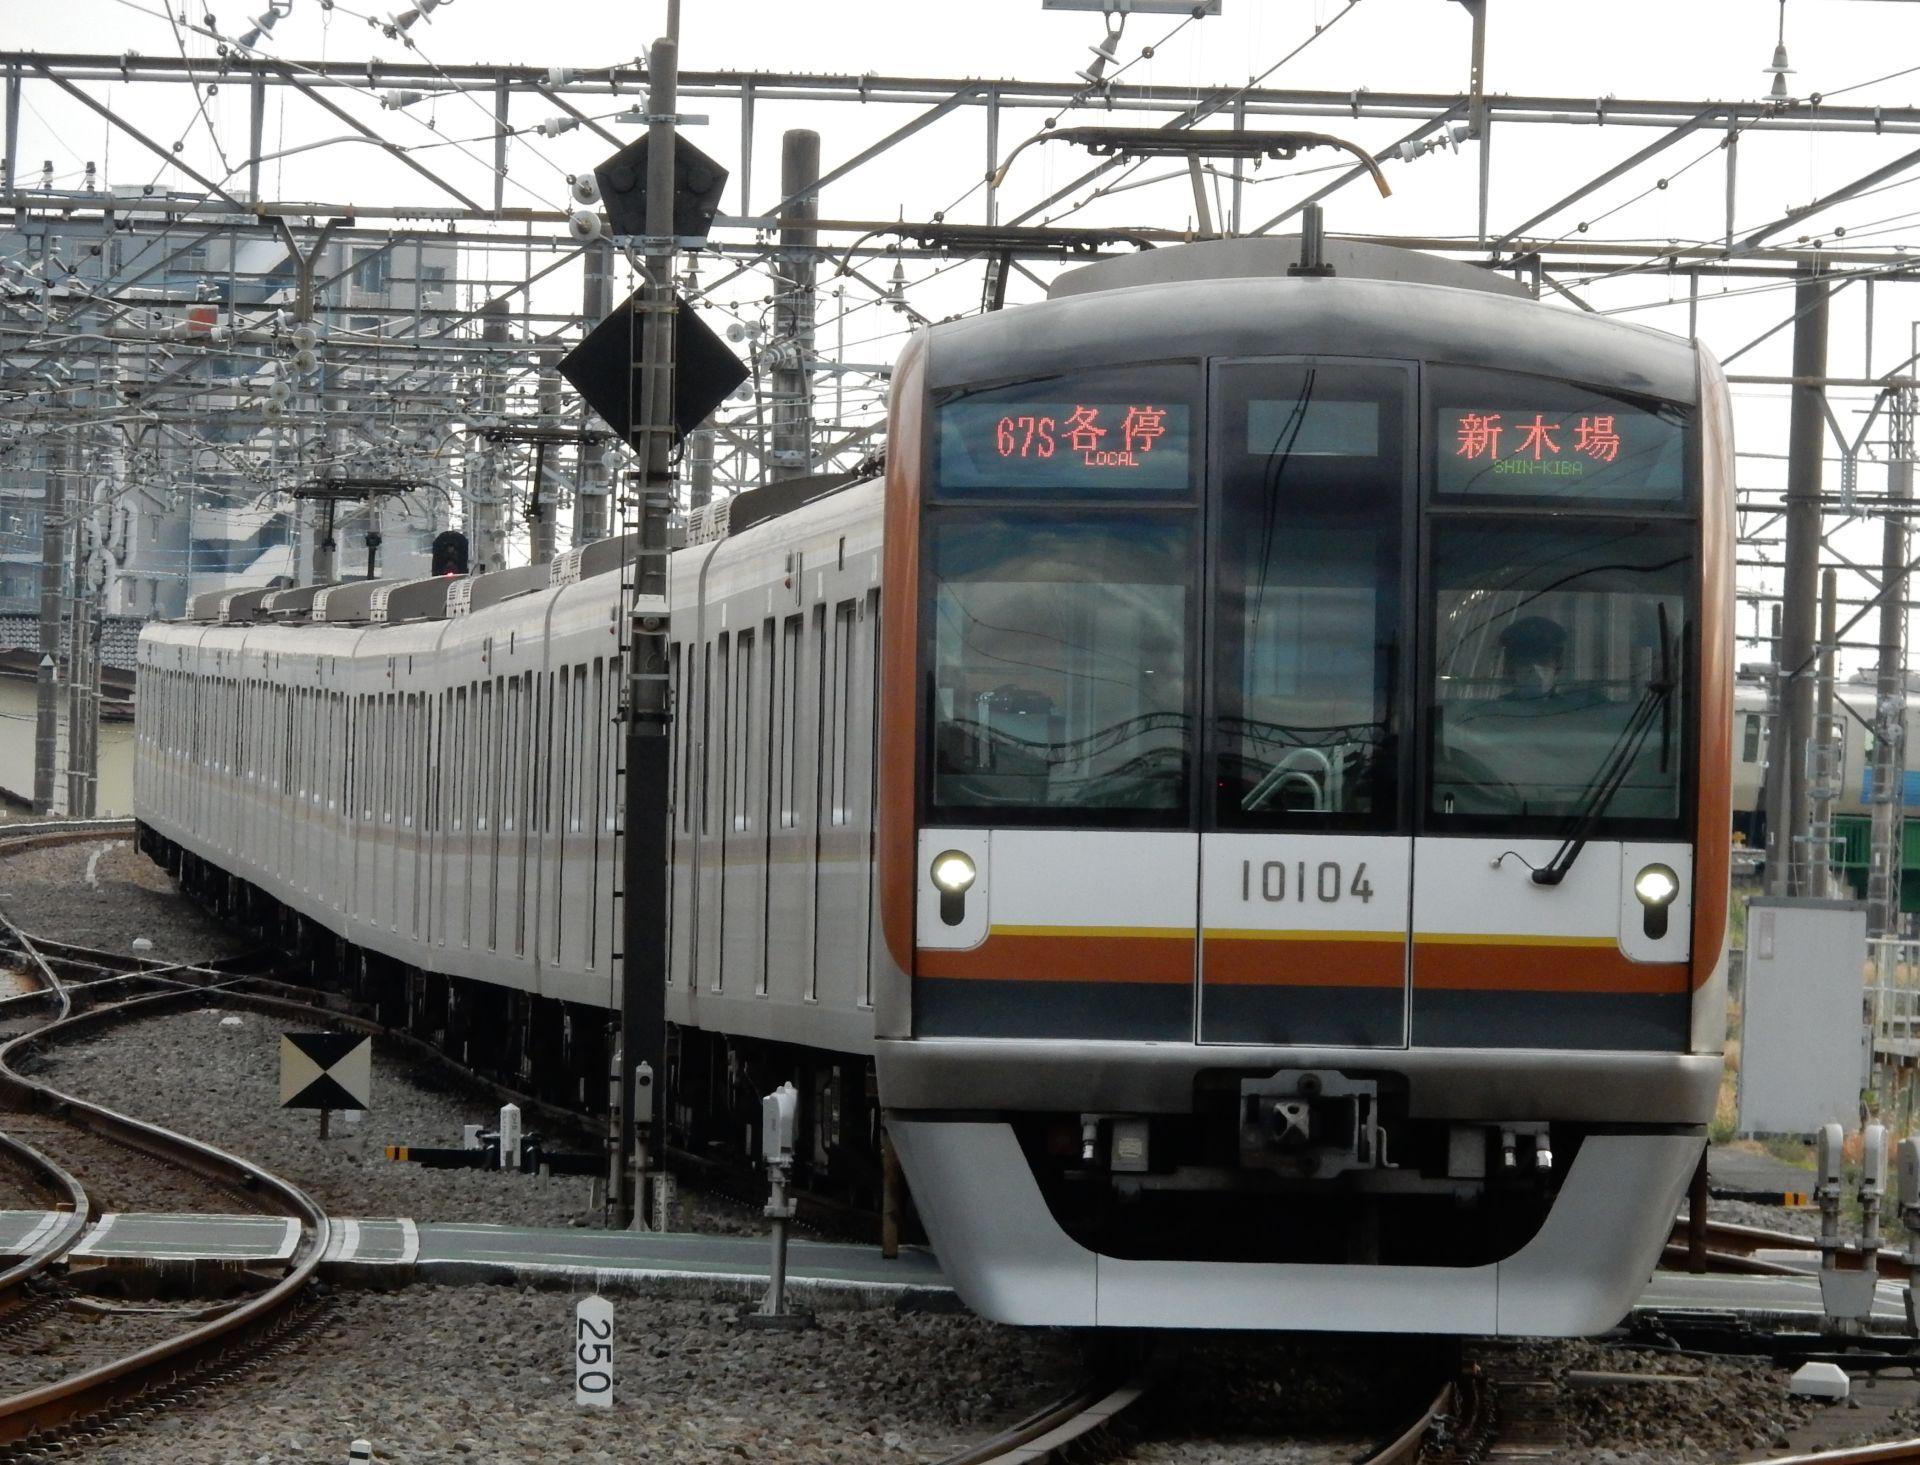 DSCN6189 - コピー